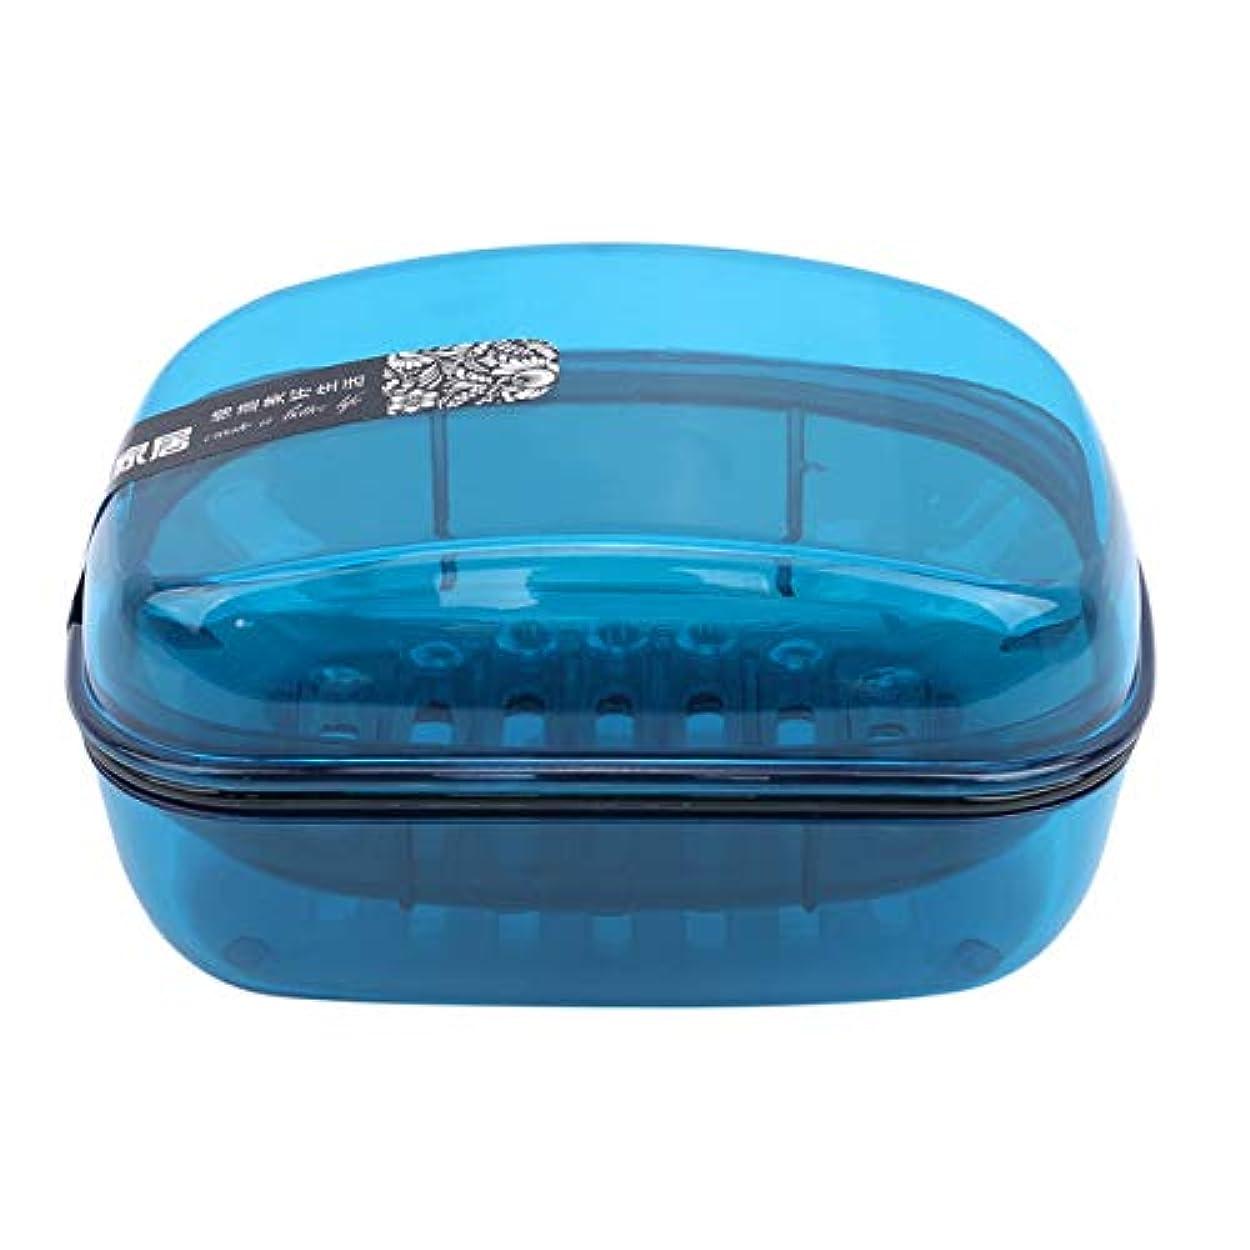 誇大妄想王位イベントZALING石鹸収納ボックス皿バスルームアクセサリーソープボックスケースホルダー付きカバーブルー